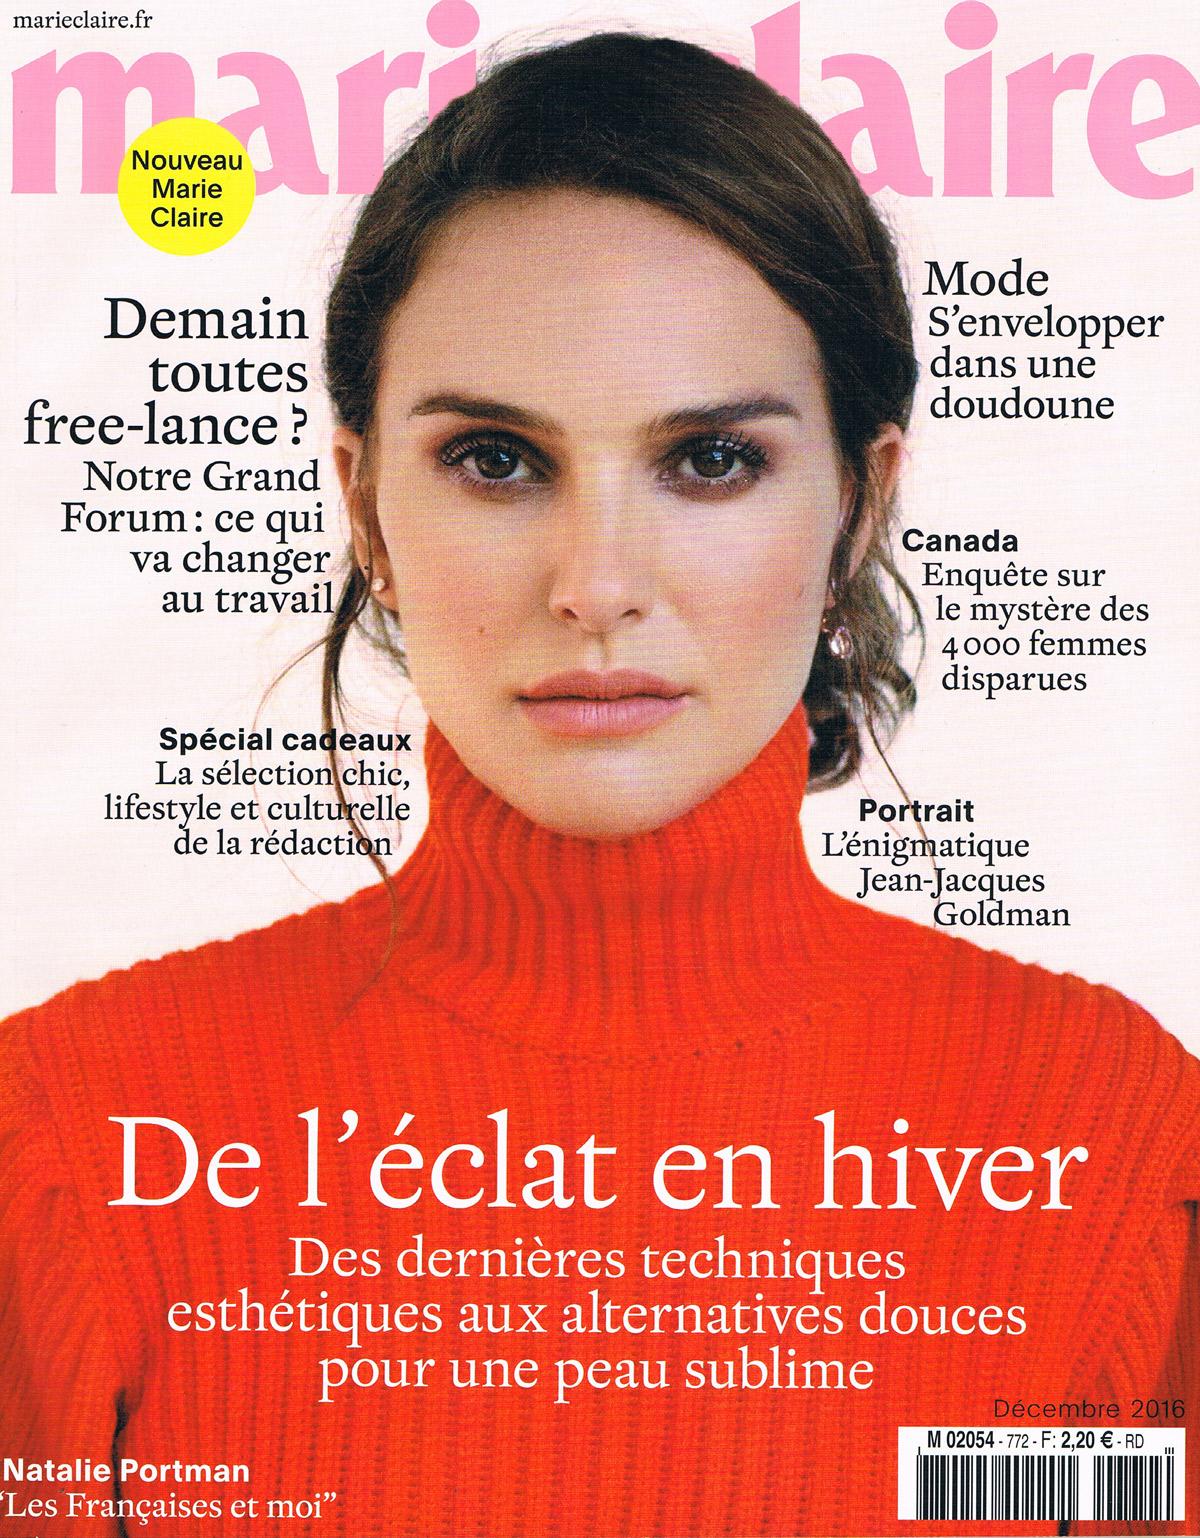 Marie Claire Décembre 2016